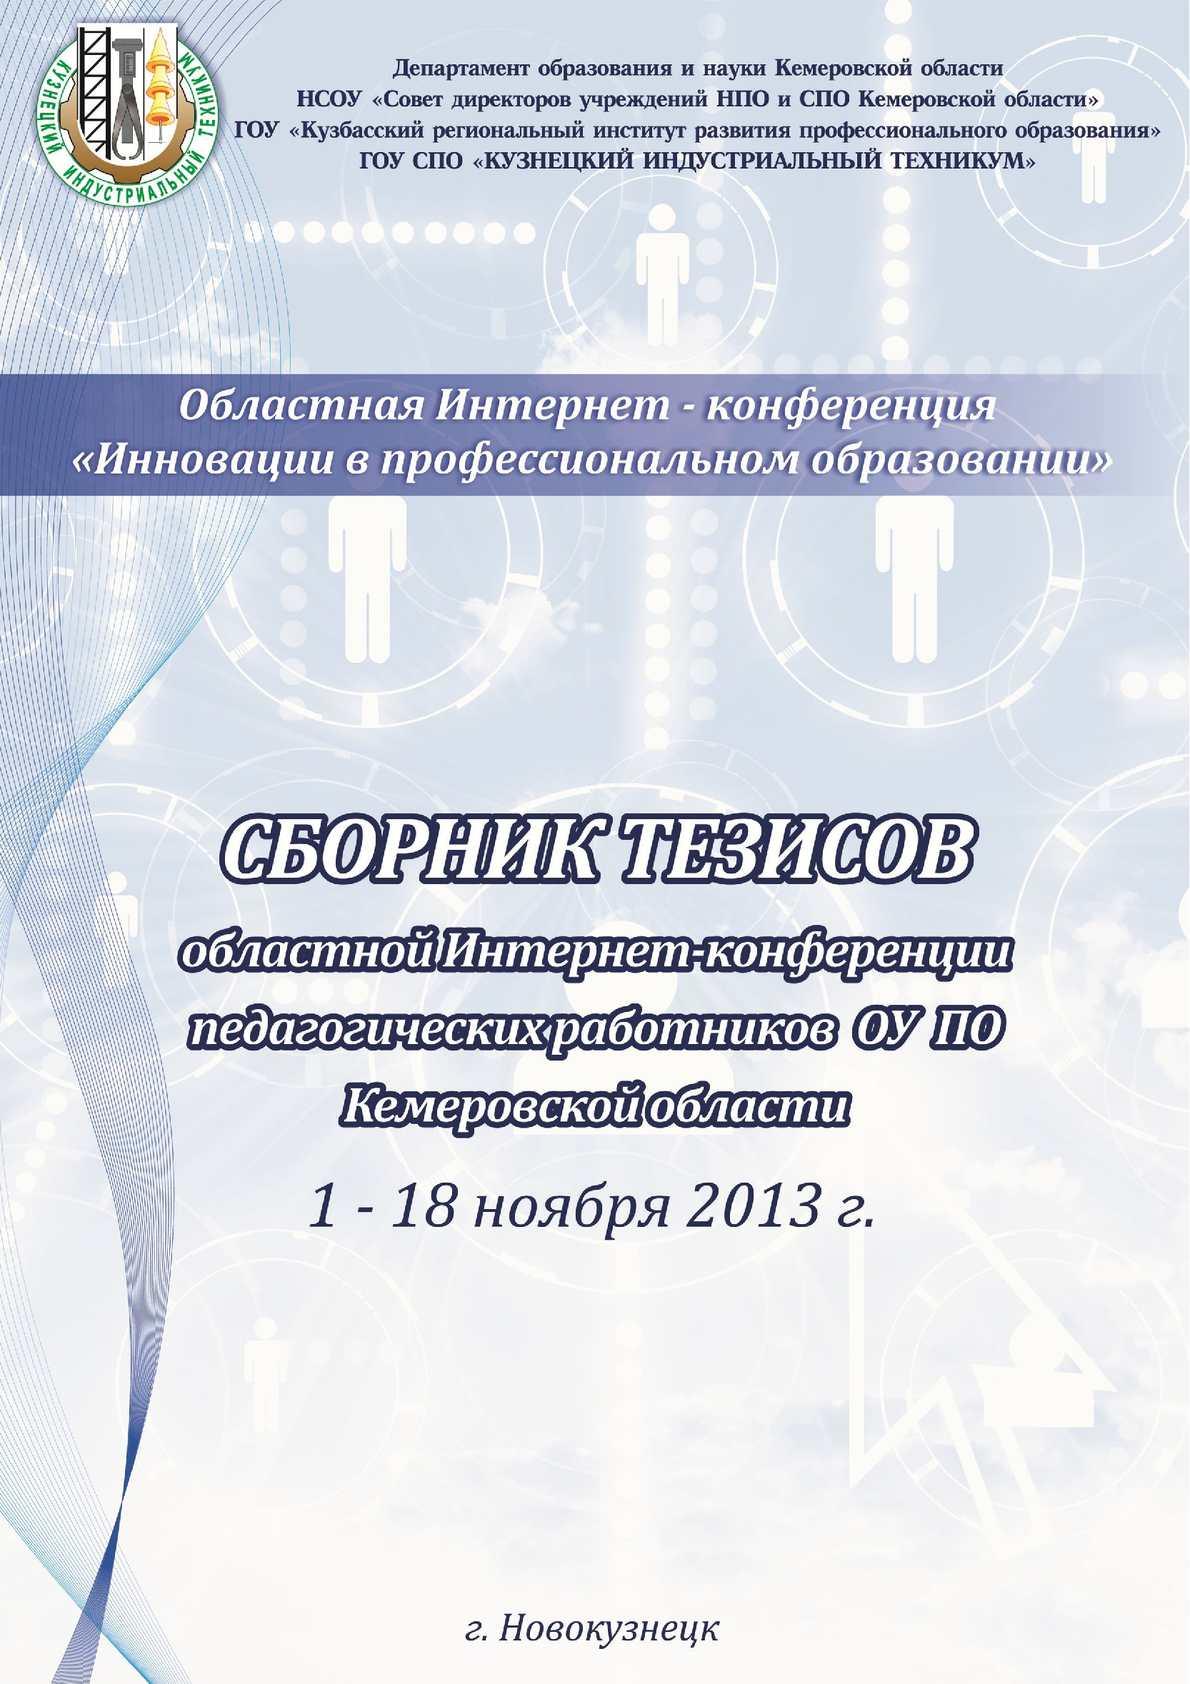 журнал учитель 2000г.,№ 4. статья пахомовой н.ю.